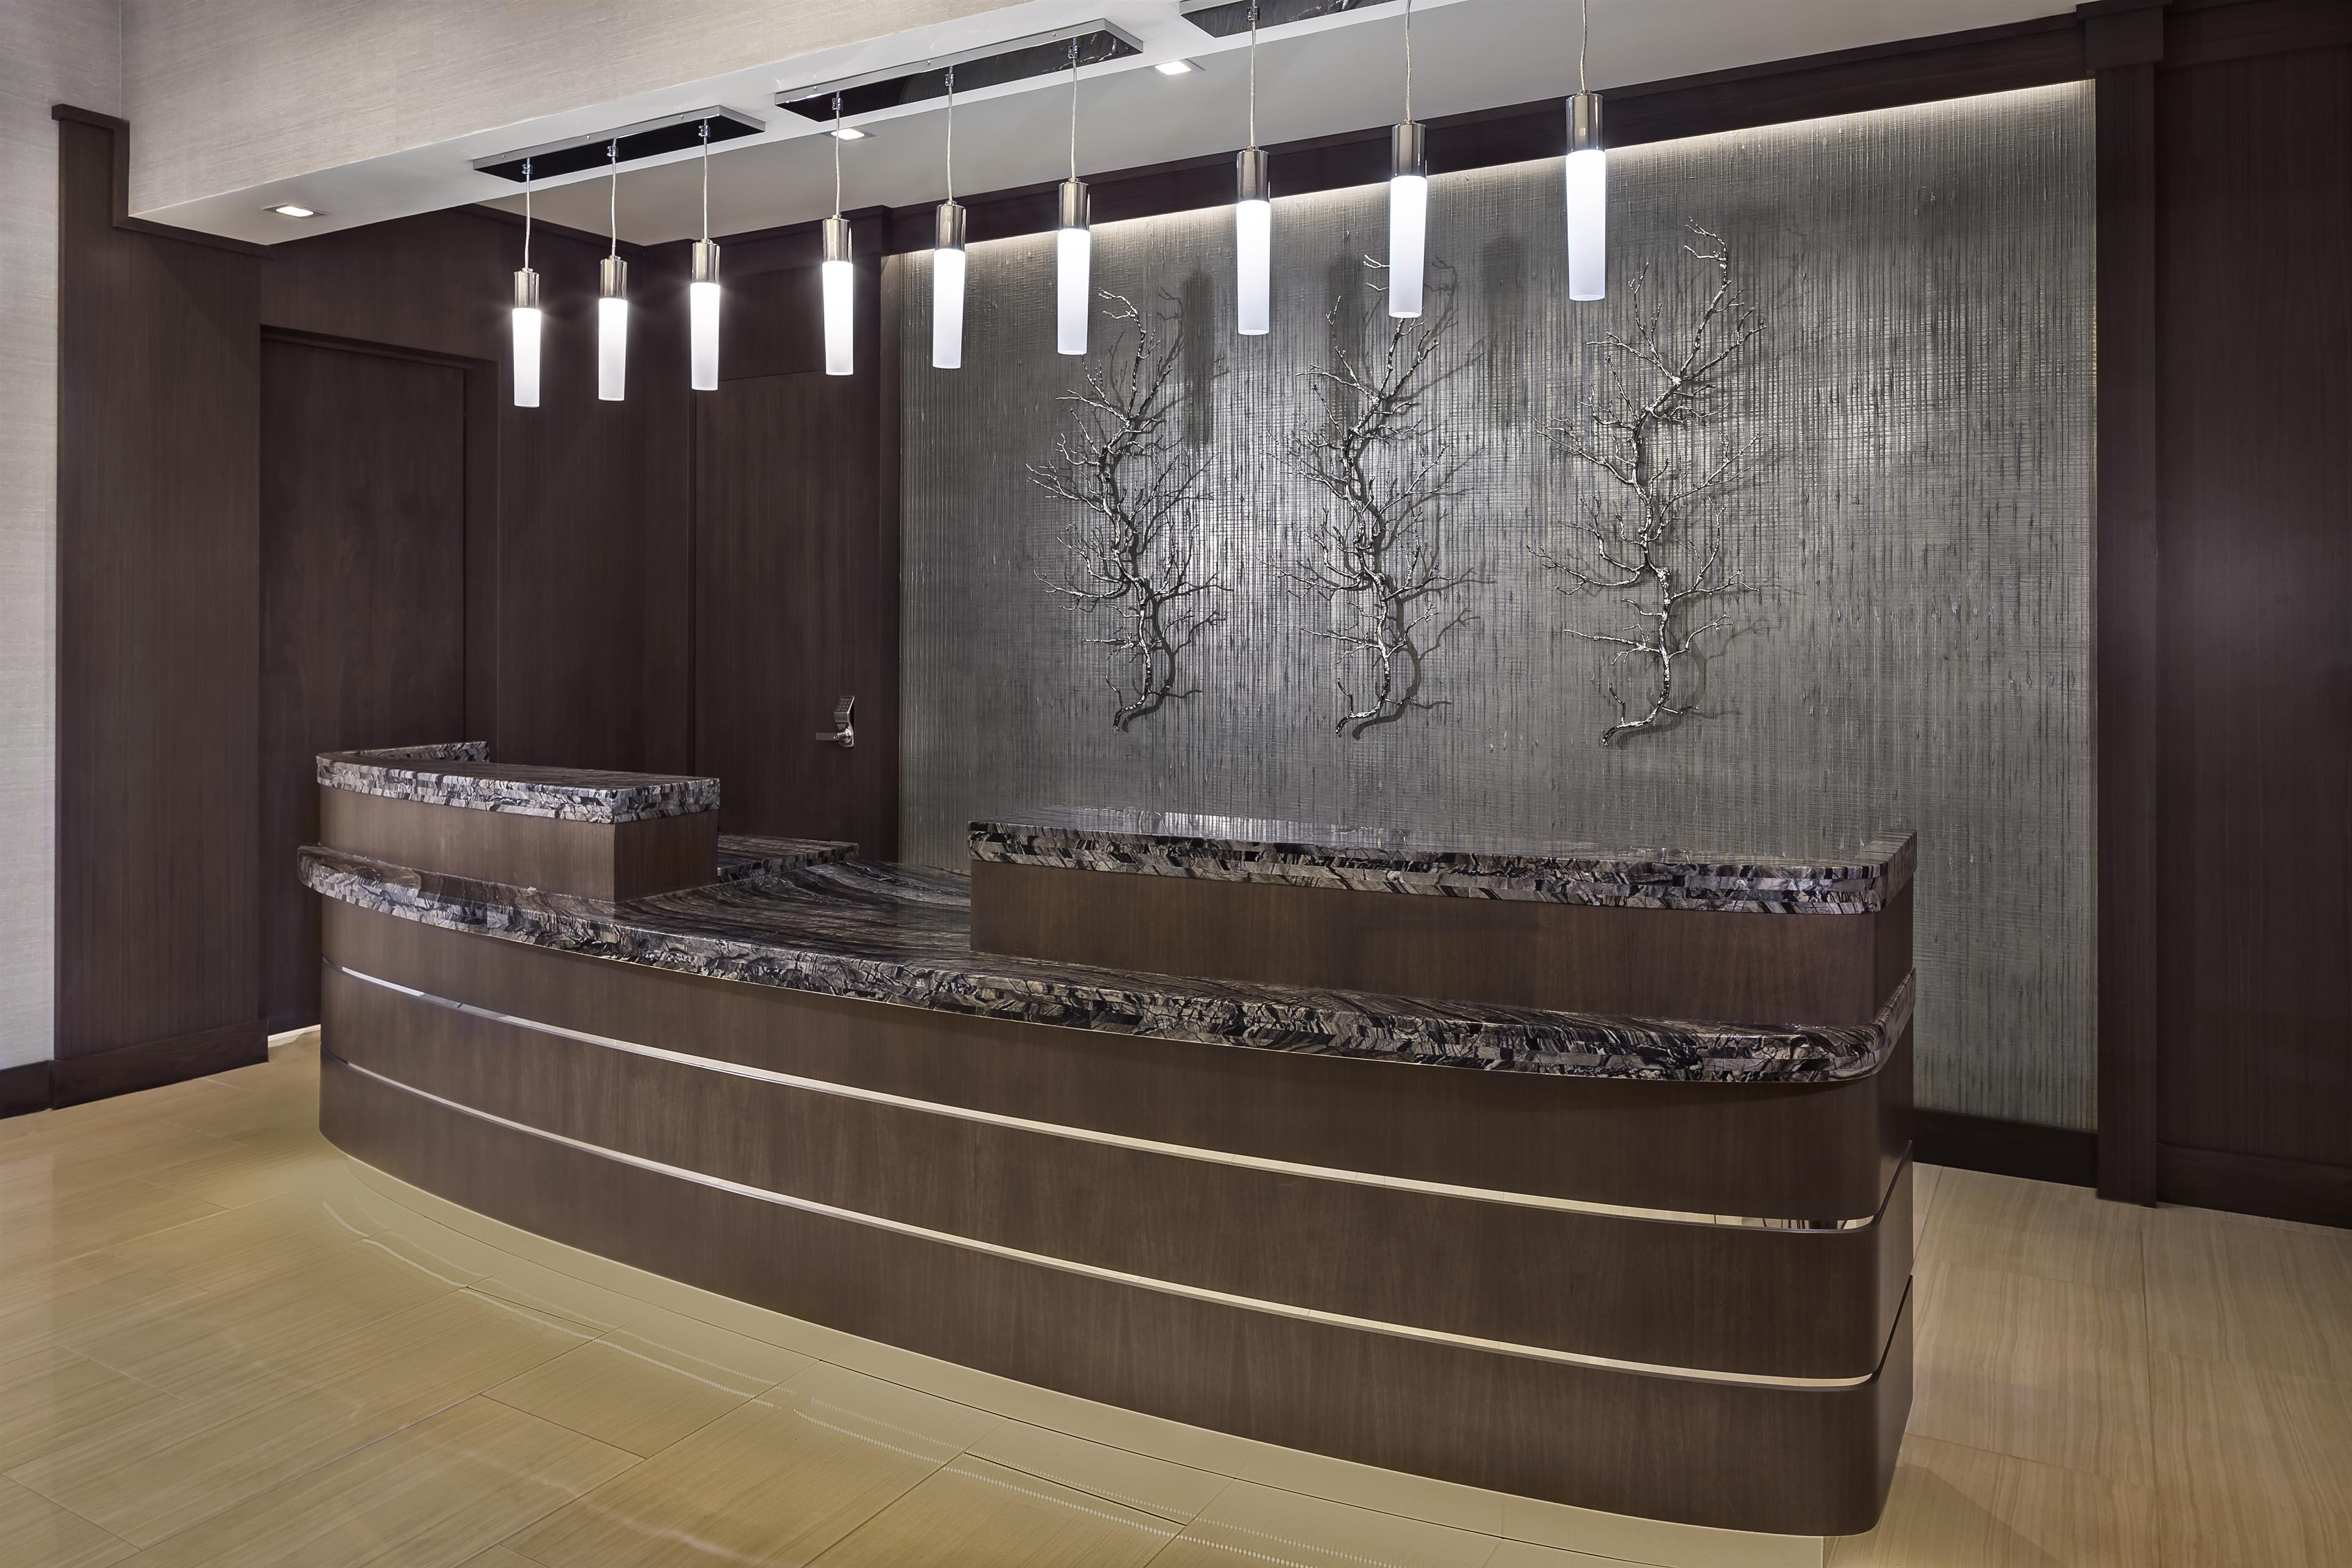 Sheraton Suites Galleria-Atlanta image 8